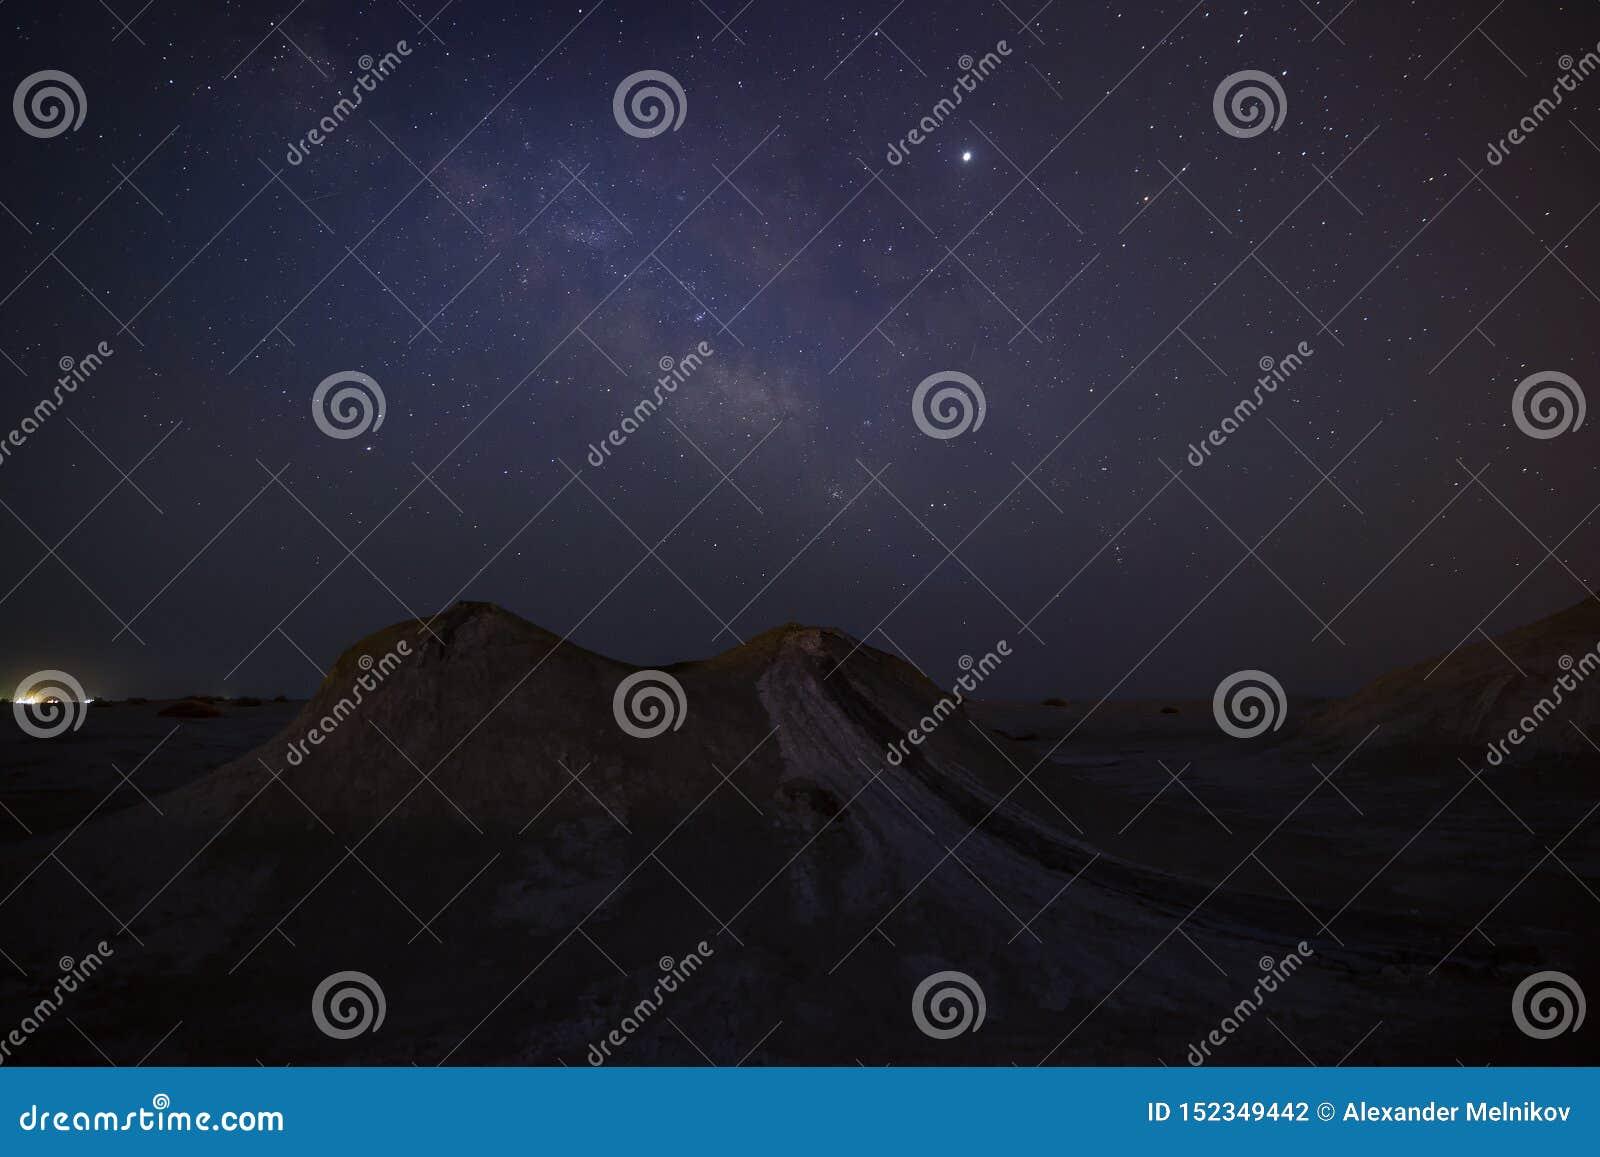 Milky Way over mud volcanoes